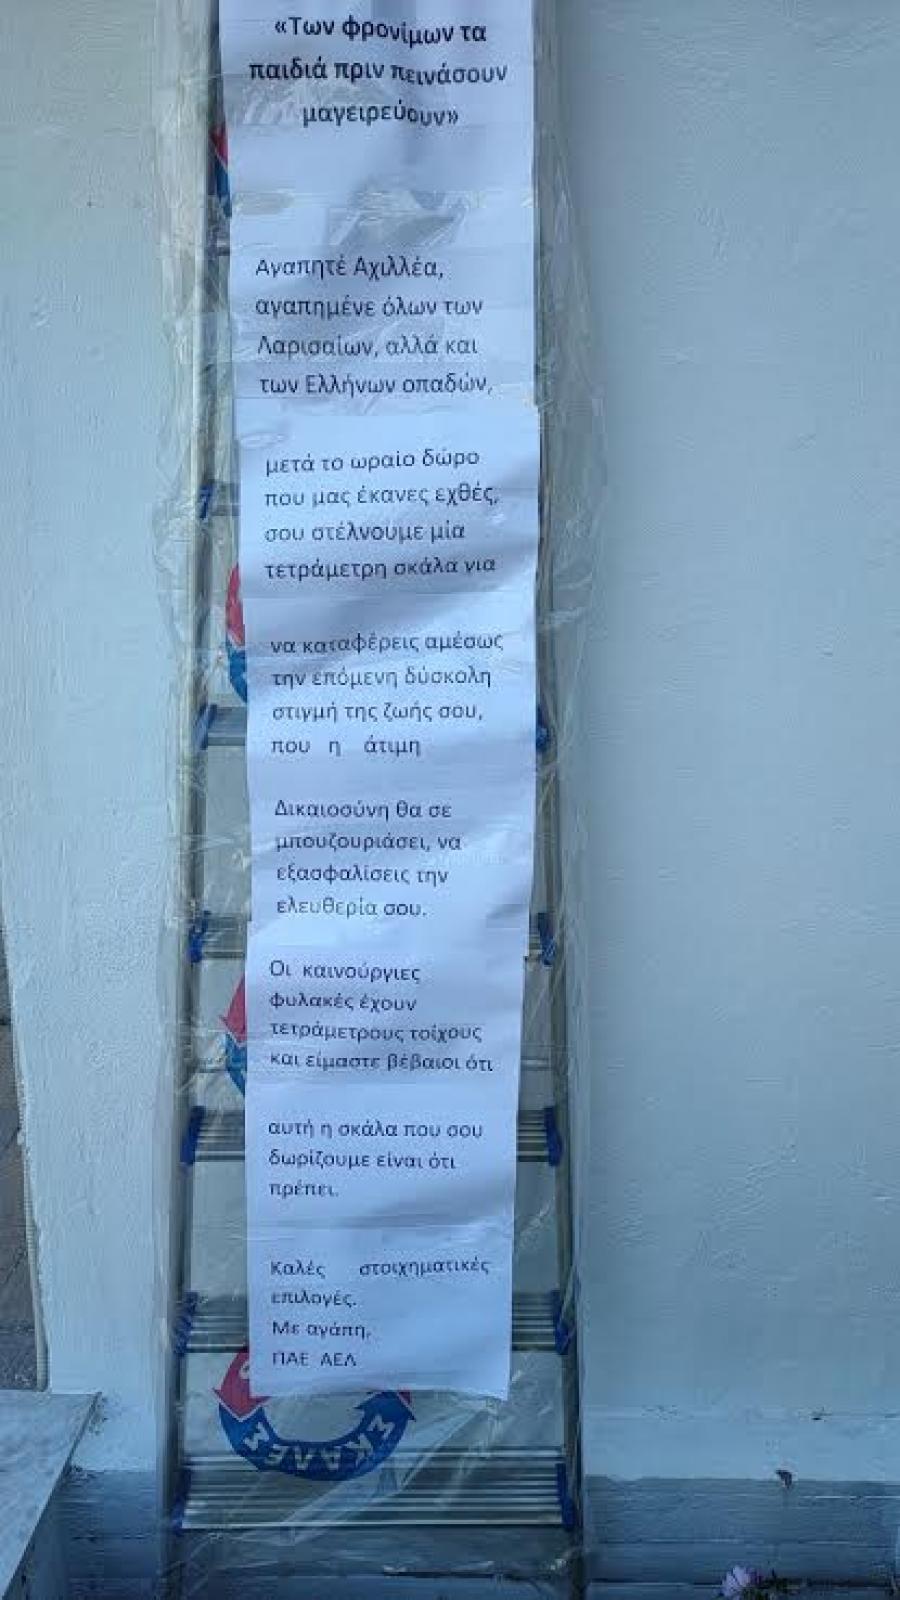 Κούγιας: Έκανε δώρο στον Μπέο με μια τετράμετρη σκάλα